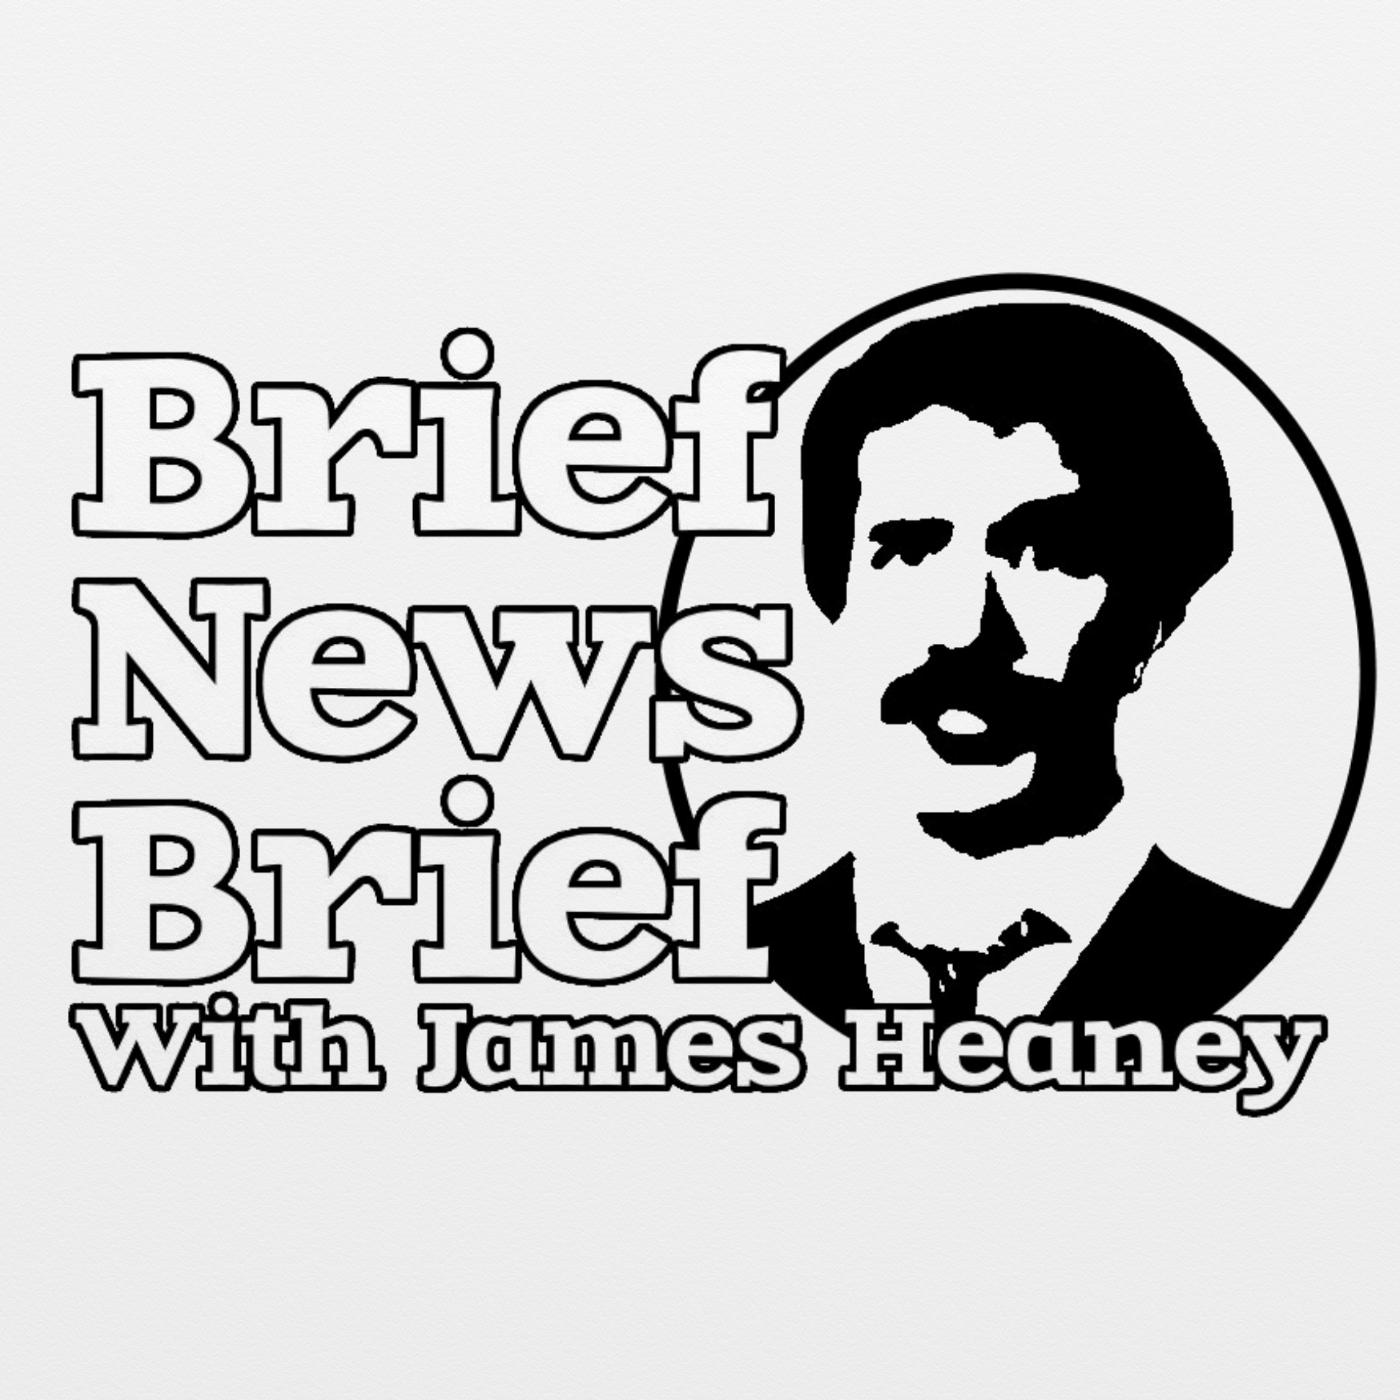 Brief News Brief show art